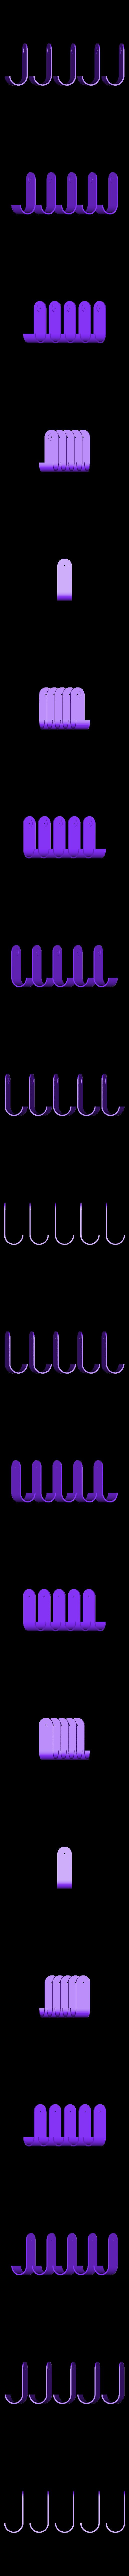 pipe.stl Télécharger fichier STL gratuit VMR - Montage PVC à déploiement rapide • Plan à imprimer en 3D, FowlvidBastien